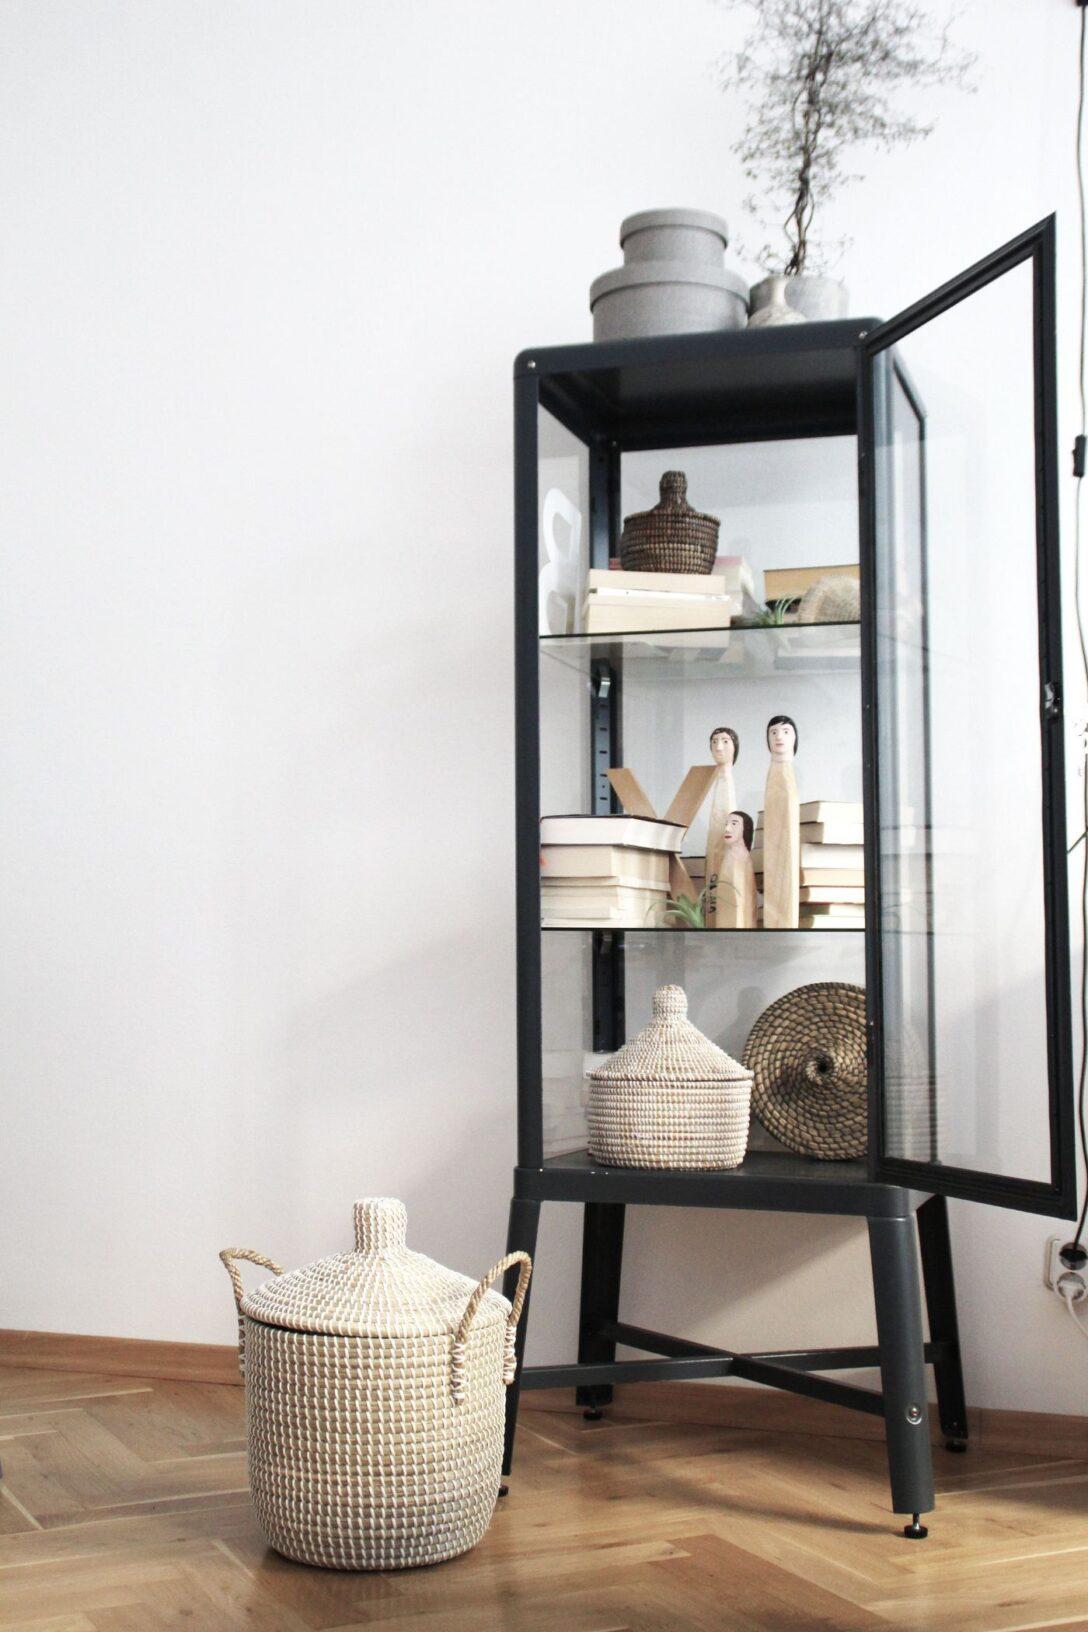 Large Size of Ideen Und Inspirationen Fr Ikea Schrnke Sofa Mit Schlaffunktion Küche Kosten Kaufen Vorratsschrank Betten Bei 160x200 Miniküche Modulküche Wohnzimmer Ikea Vorratsschrank